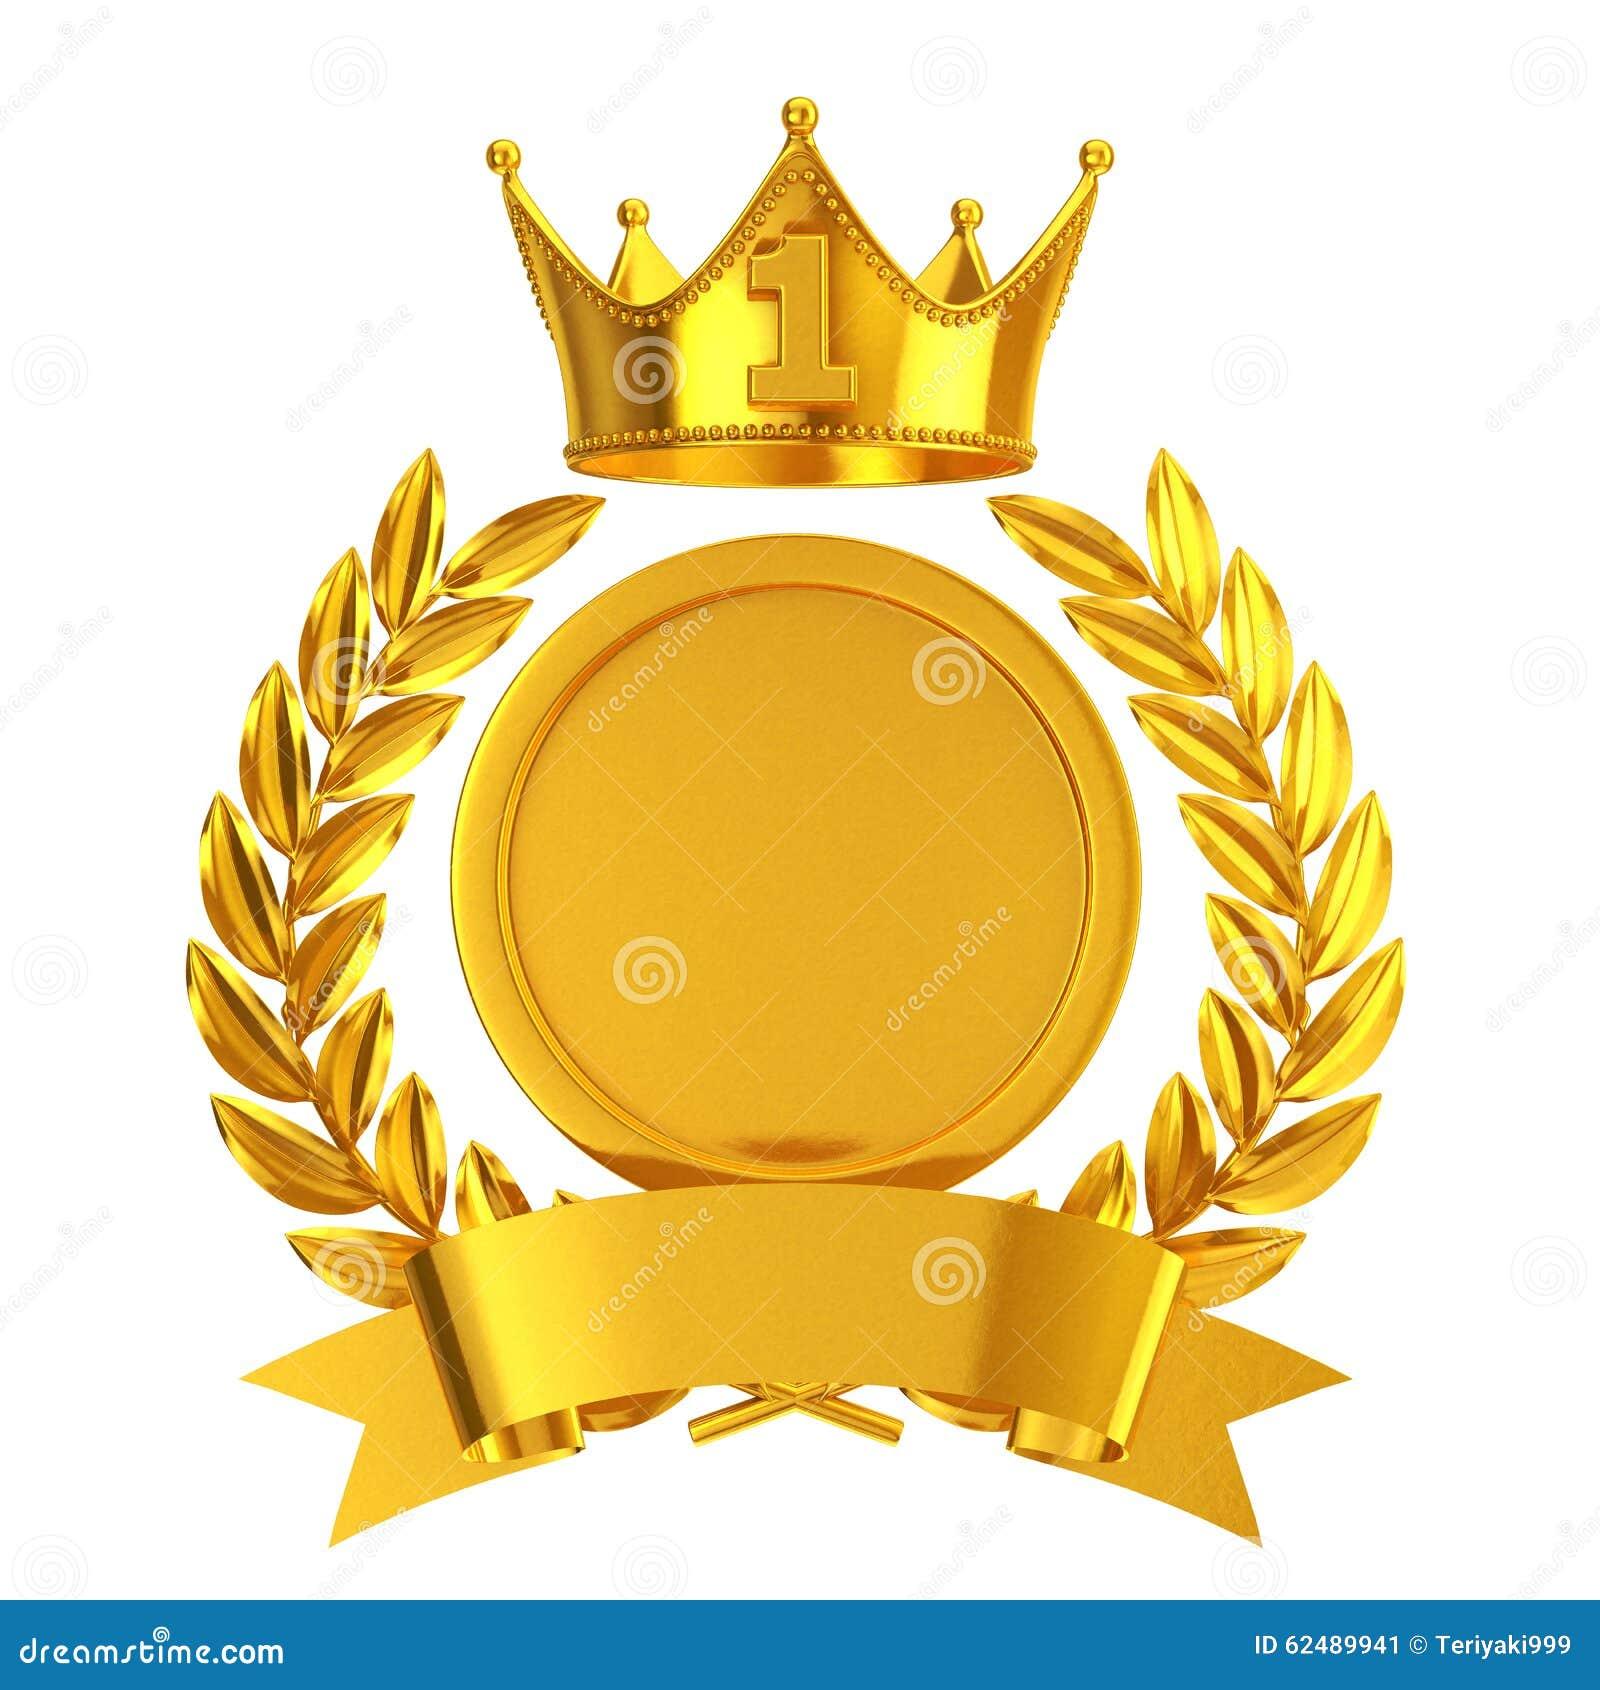 gold no 1 emblem stock illustration  illustration of crown